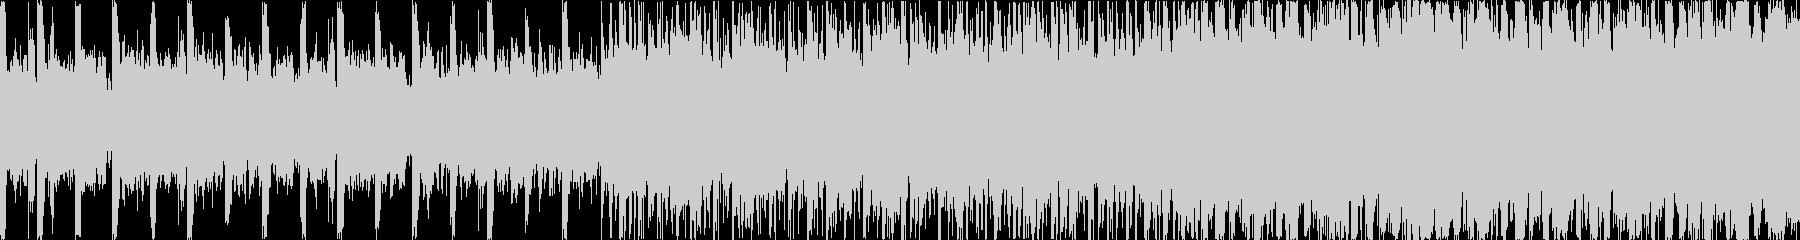 ダークで激しいデジタルロックの未再生の波形